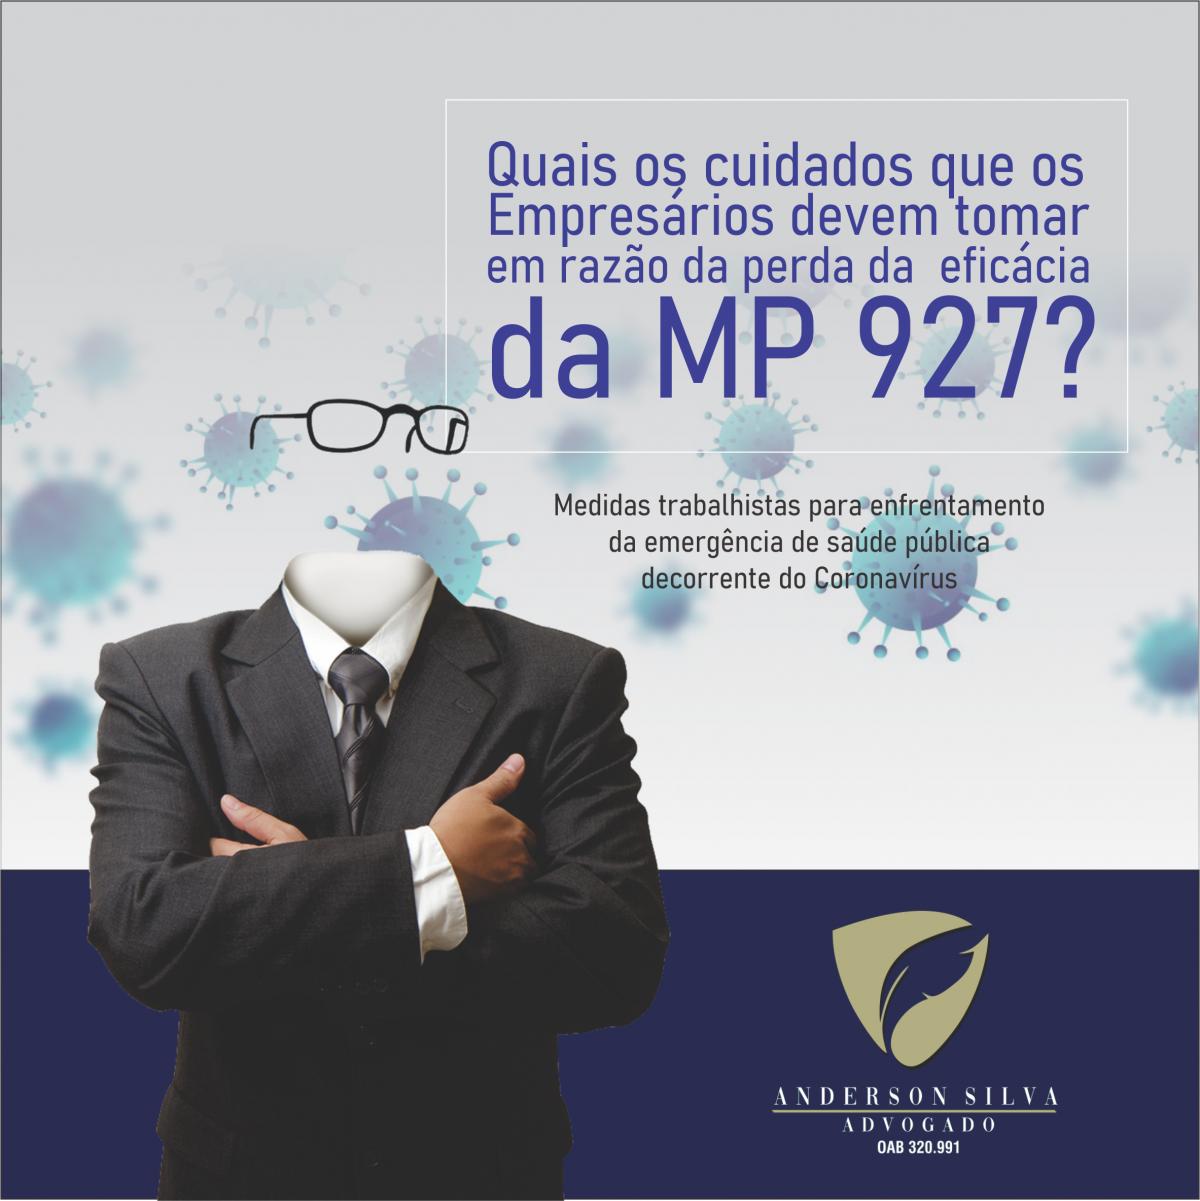 Quais os cuidados que os Empresários devem tomar em razão da perda da eficácia da MP 927?